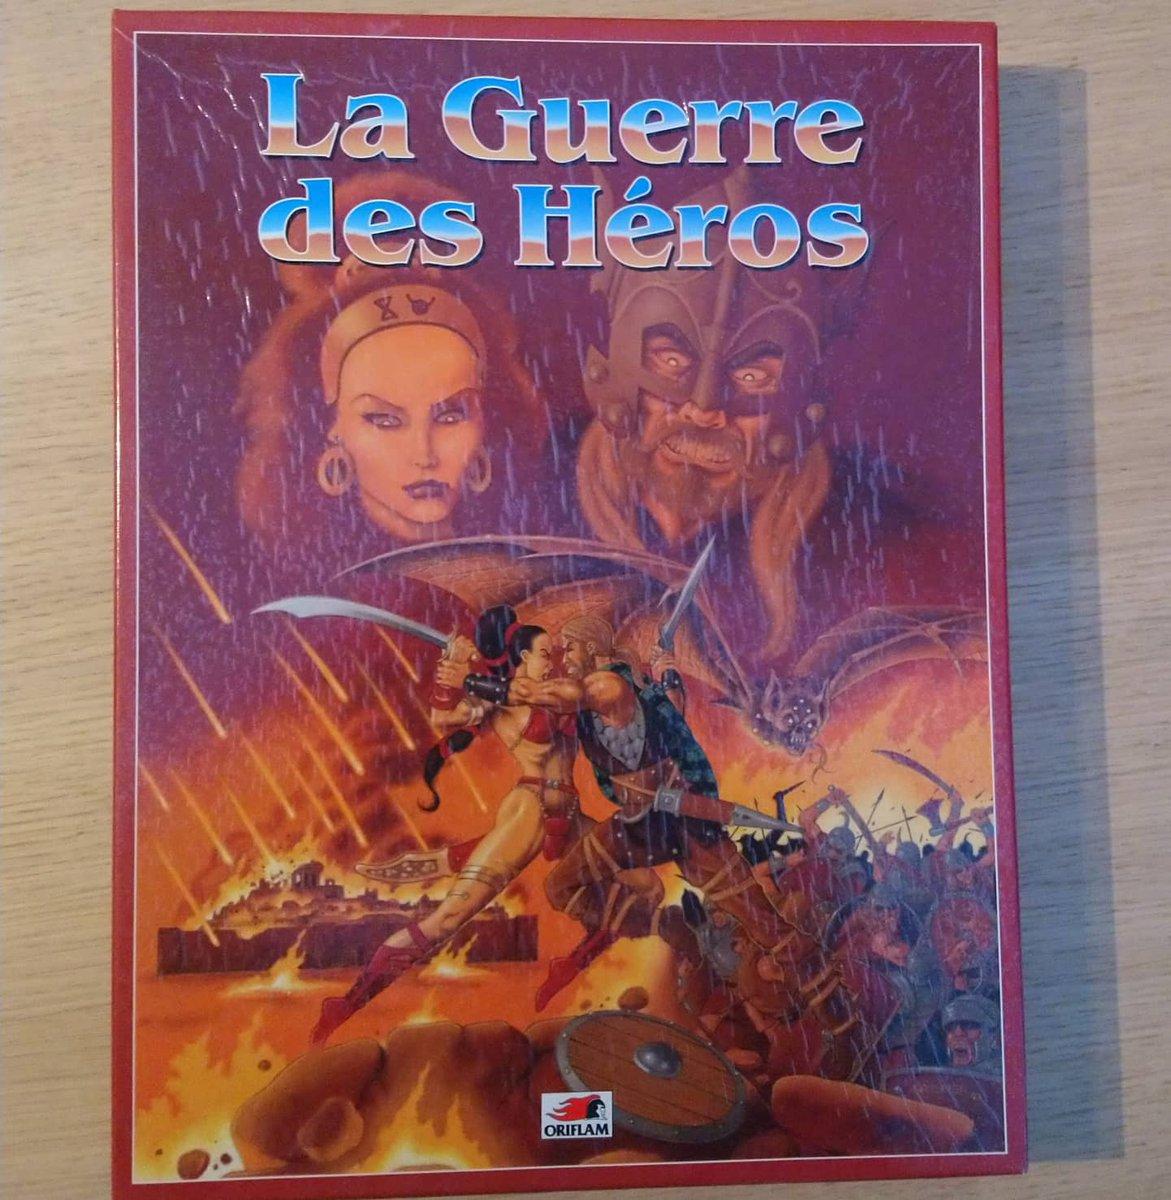 La guerre des héros, le wargame permettant de reconstituer des bataille dans Glorantha, sorti chez Oriflam en 1993. Super pour les inconditionnels de RuneQuest mais compliqué. #glorantha #wargame #jeudesociete #vintage #JDRpic.twitter.com/DfggqfZ5Rb